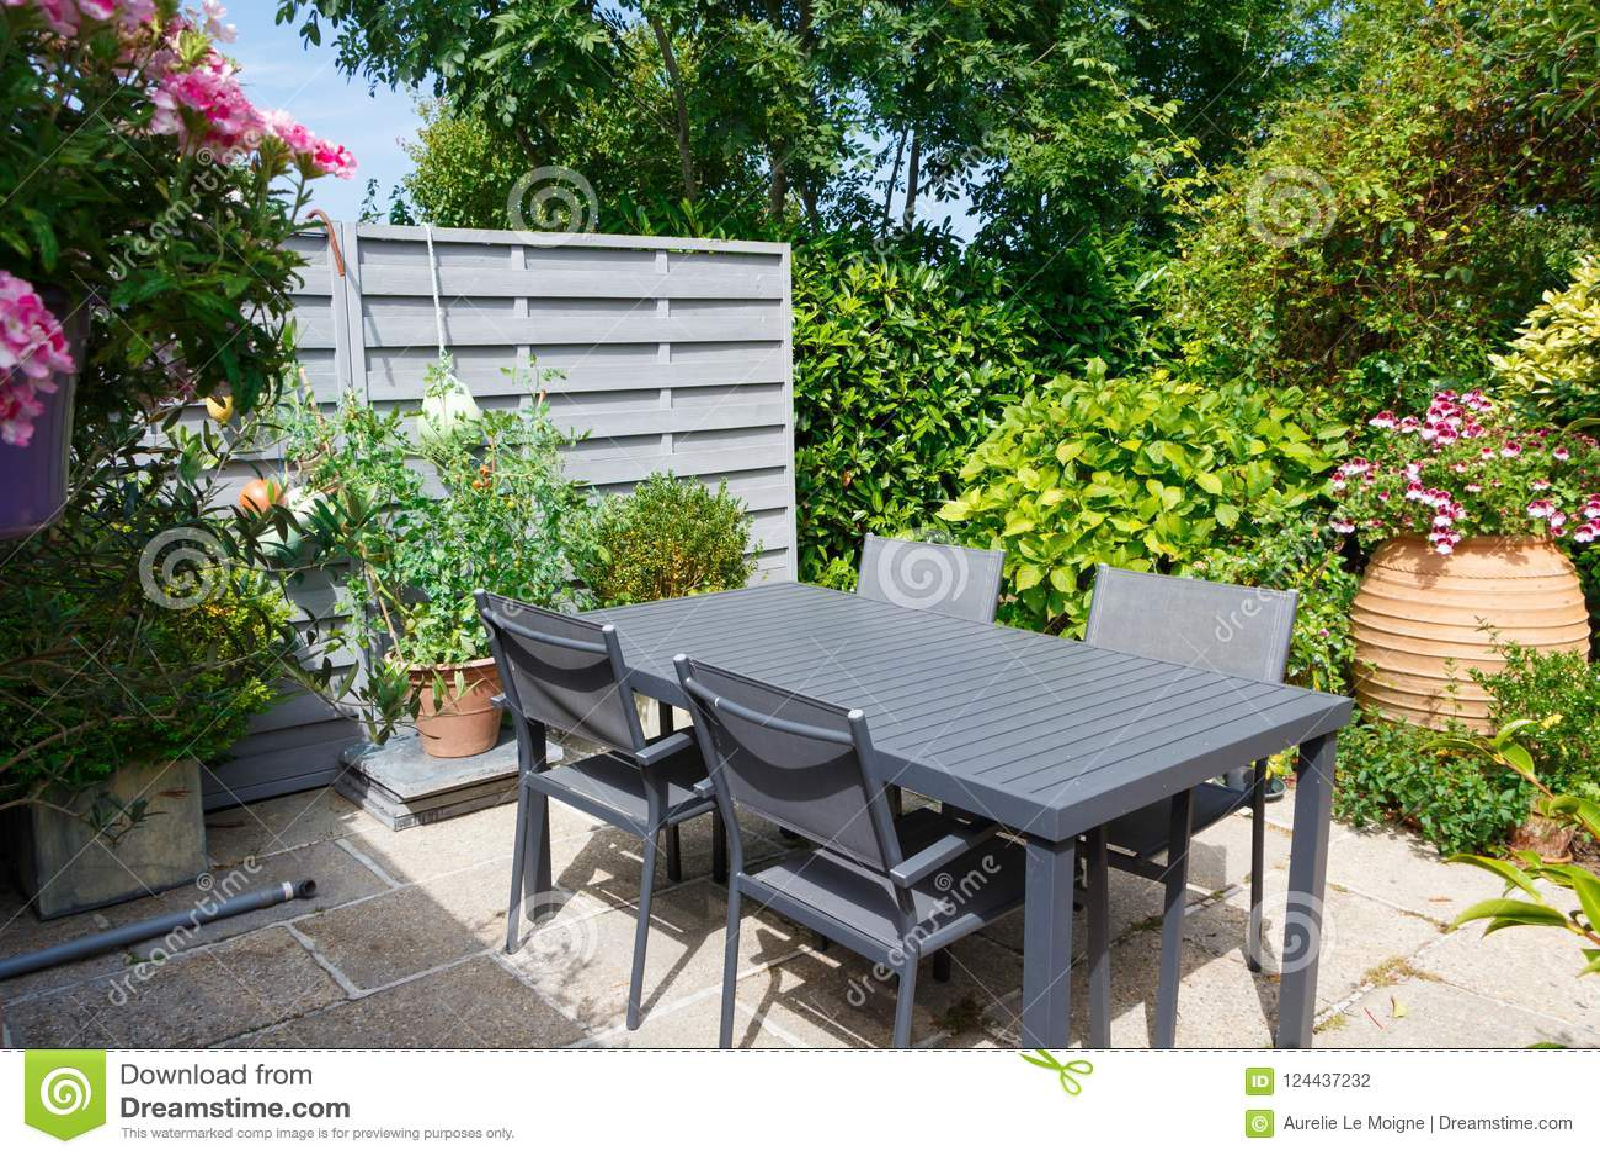 Terrasse Fleurie Avec Des Meubles De Jardin Photo stock ...